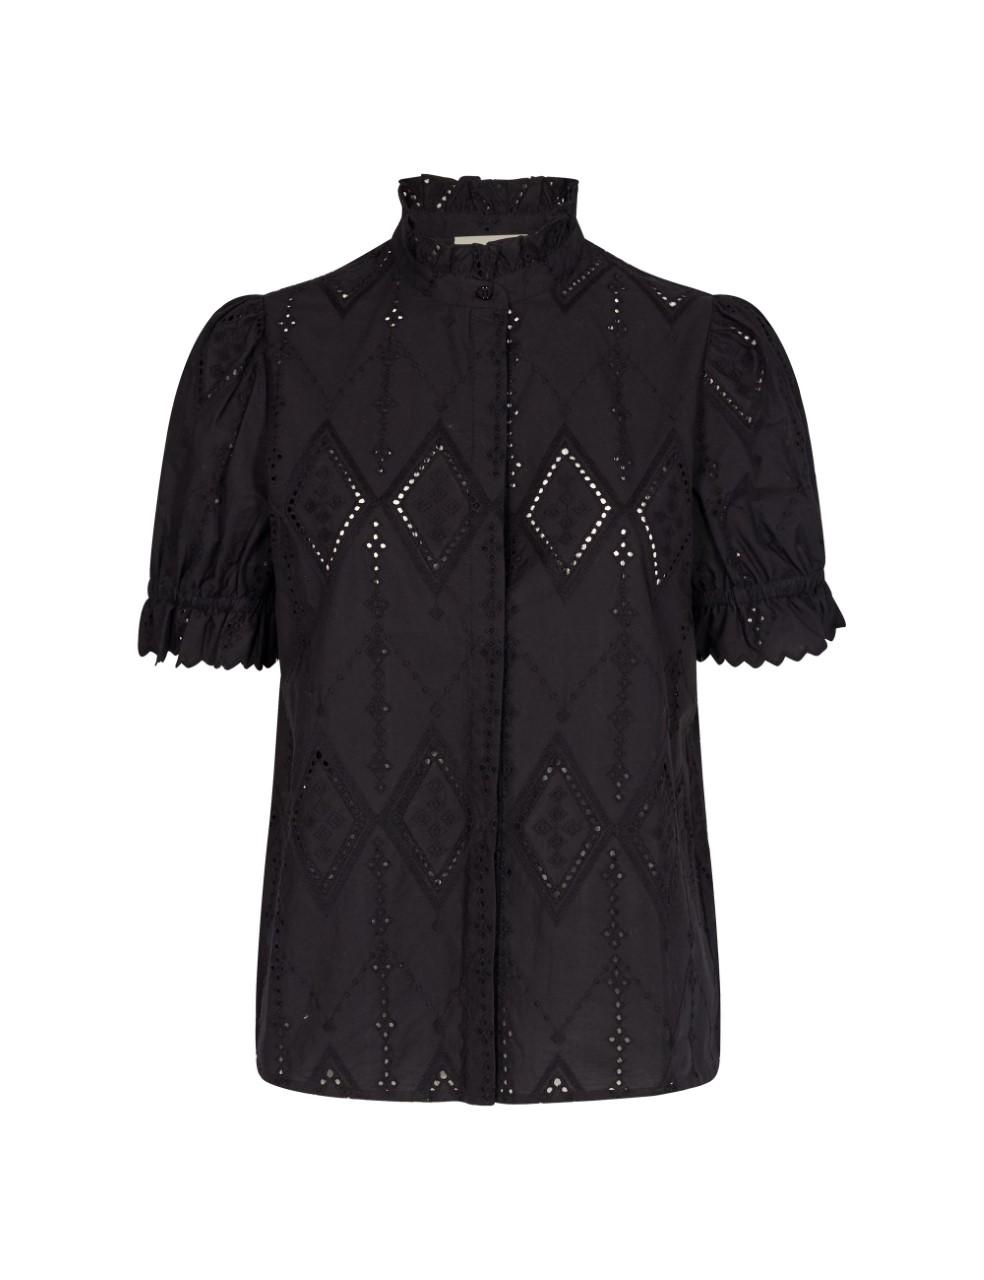 Leveteroom Nikoline2 blouse bluse